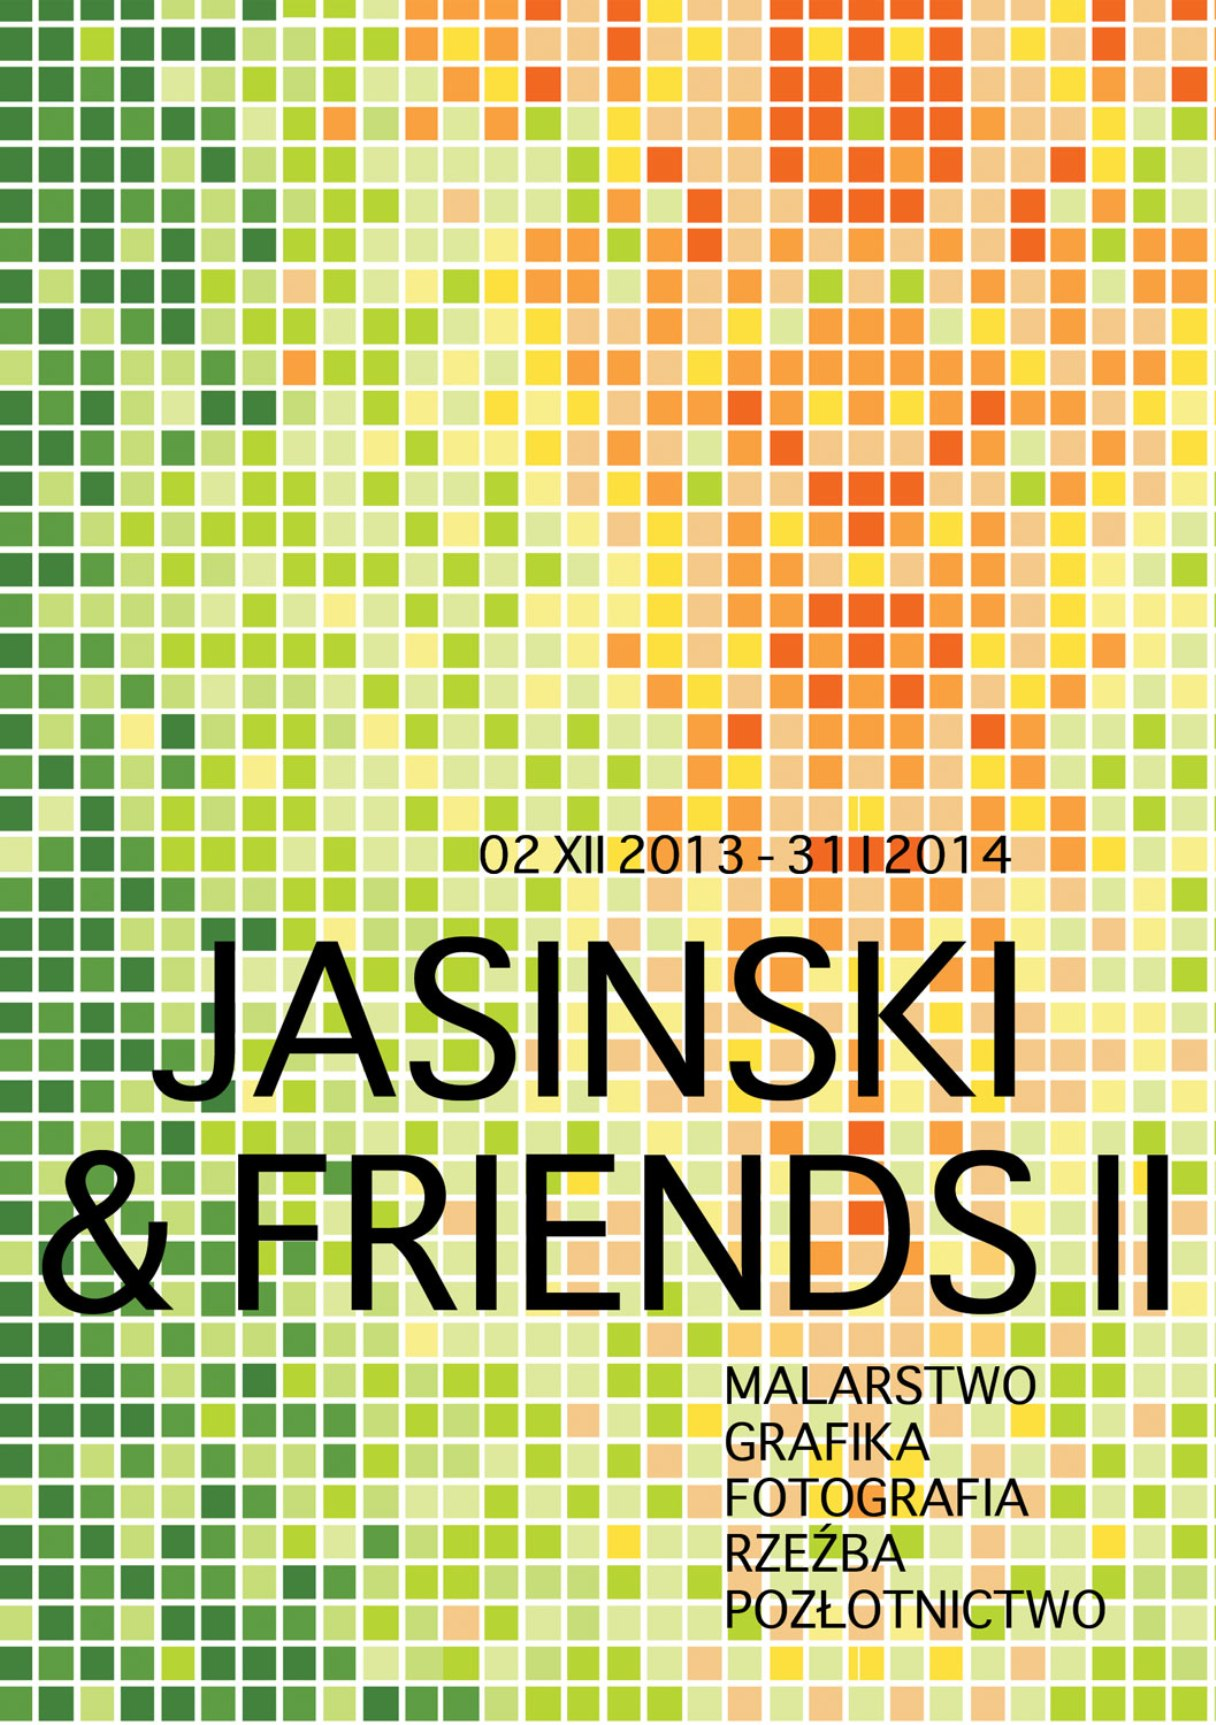 Jasinski&friends II